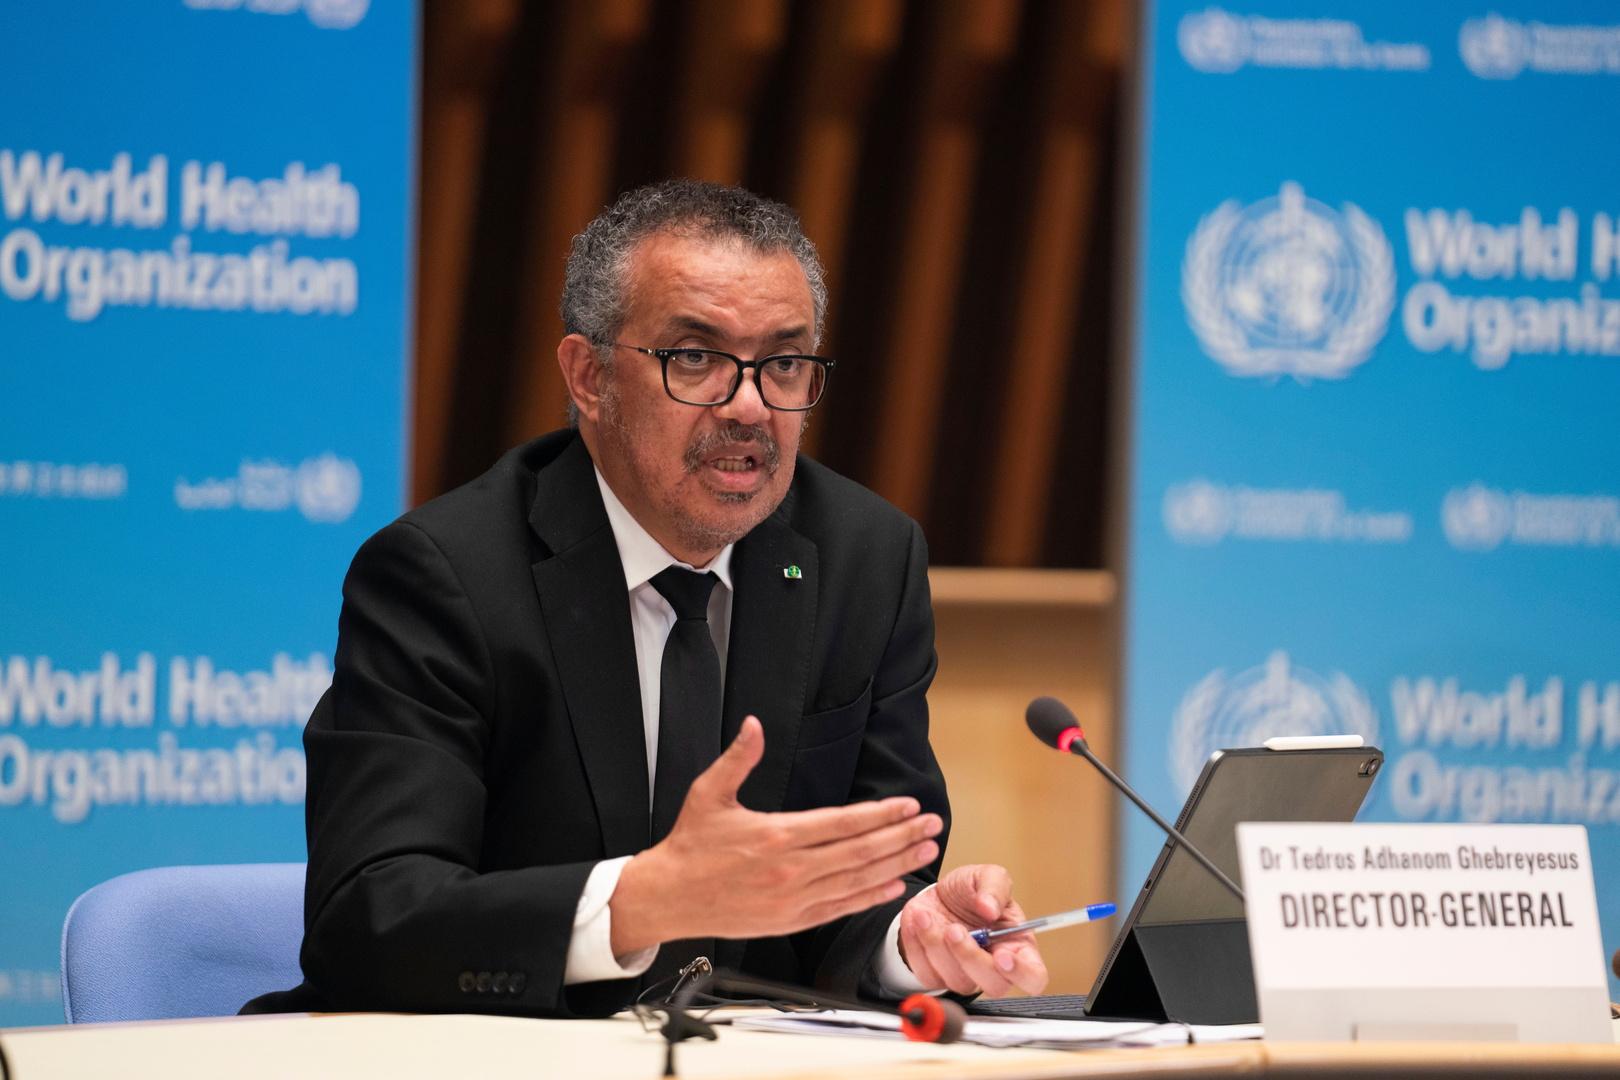 منظمة الصحة العالمية تحذر من قيام جماعات إجرامية بعروض لتزويد لقاحات كورونا